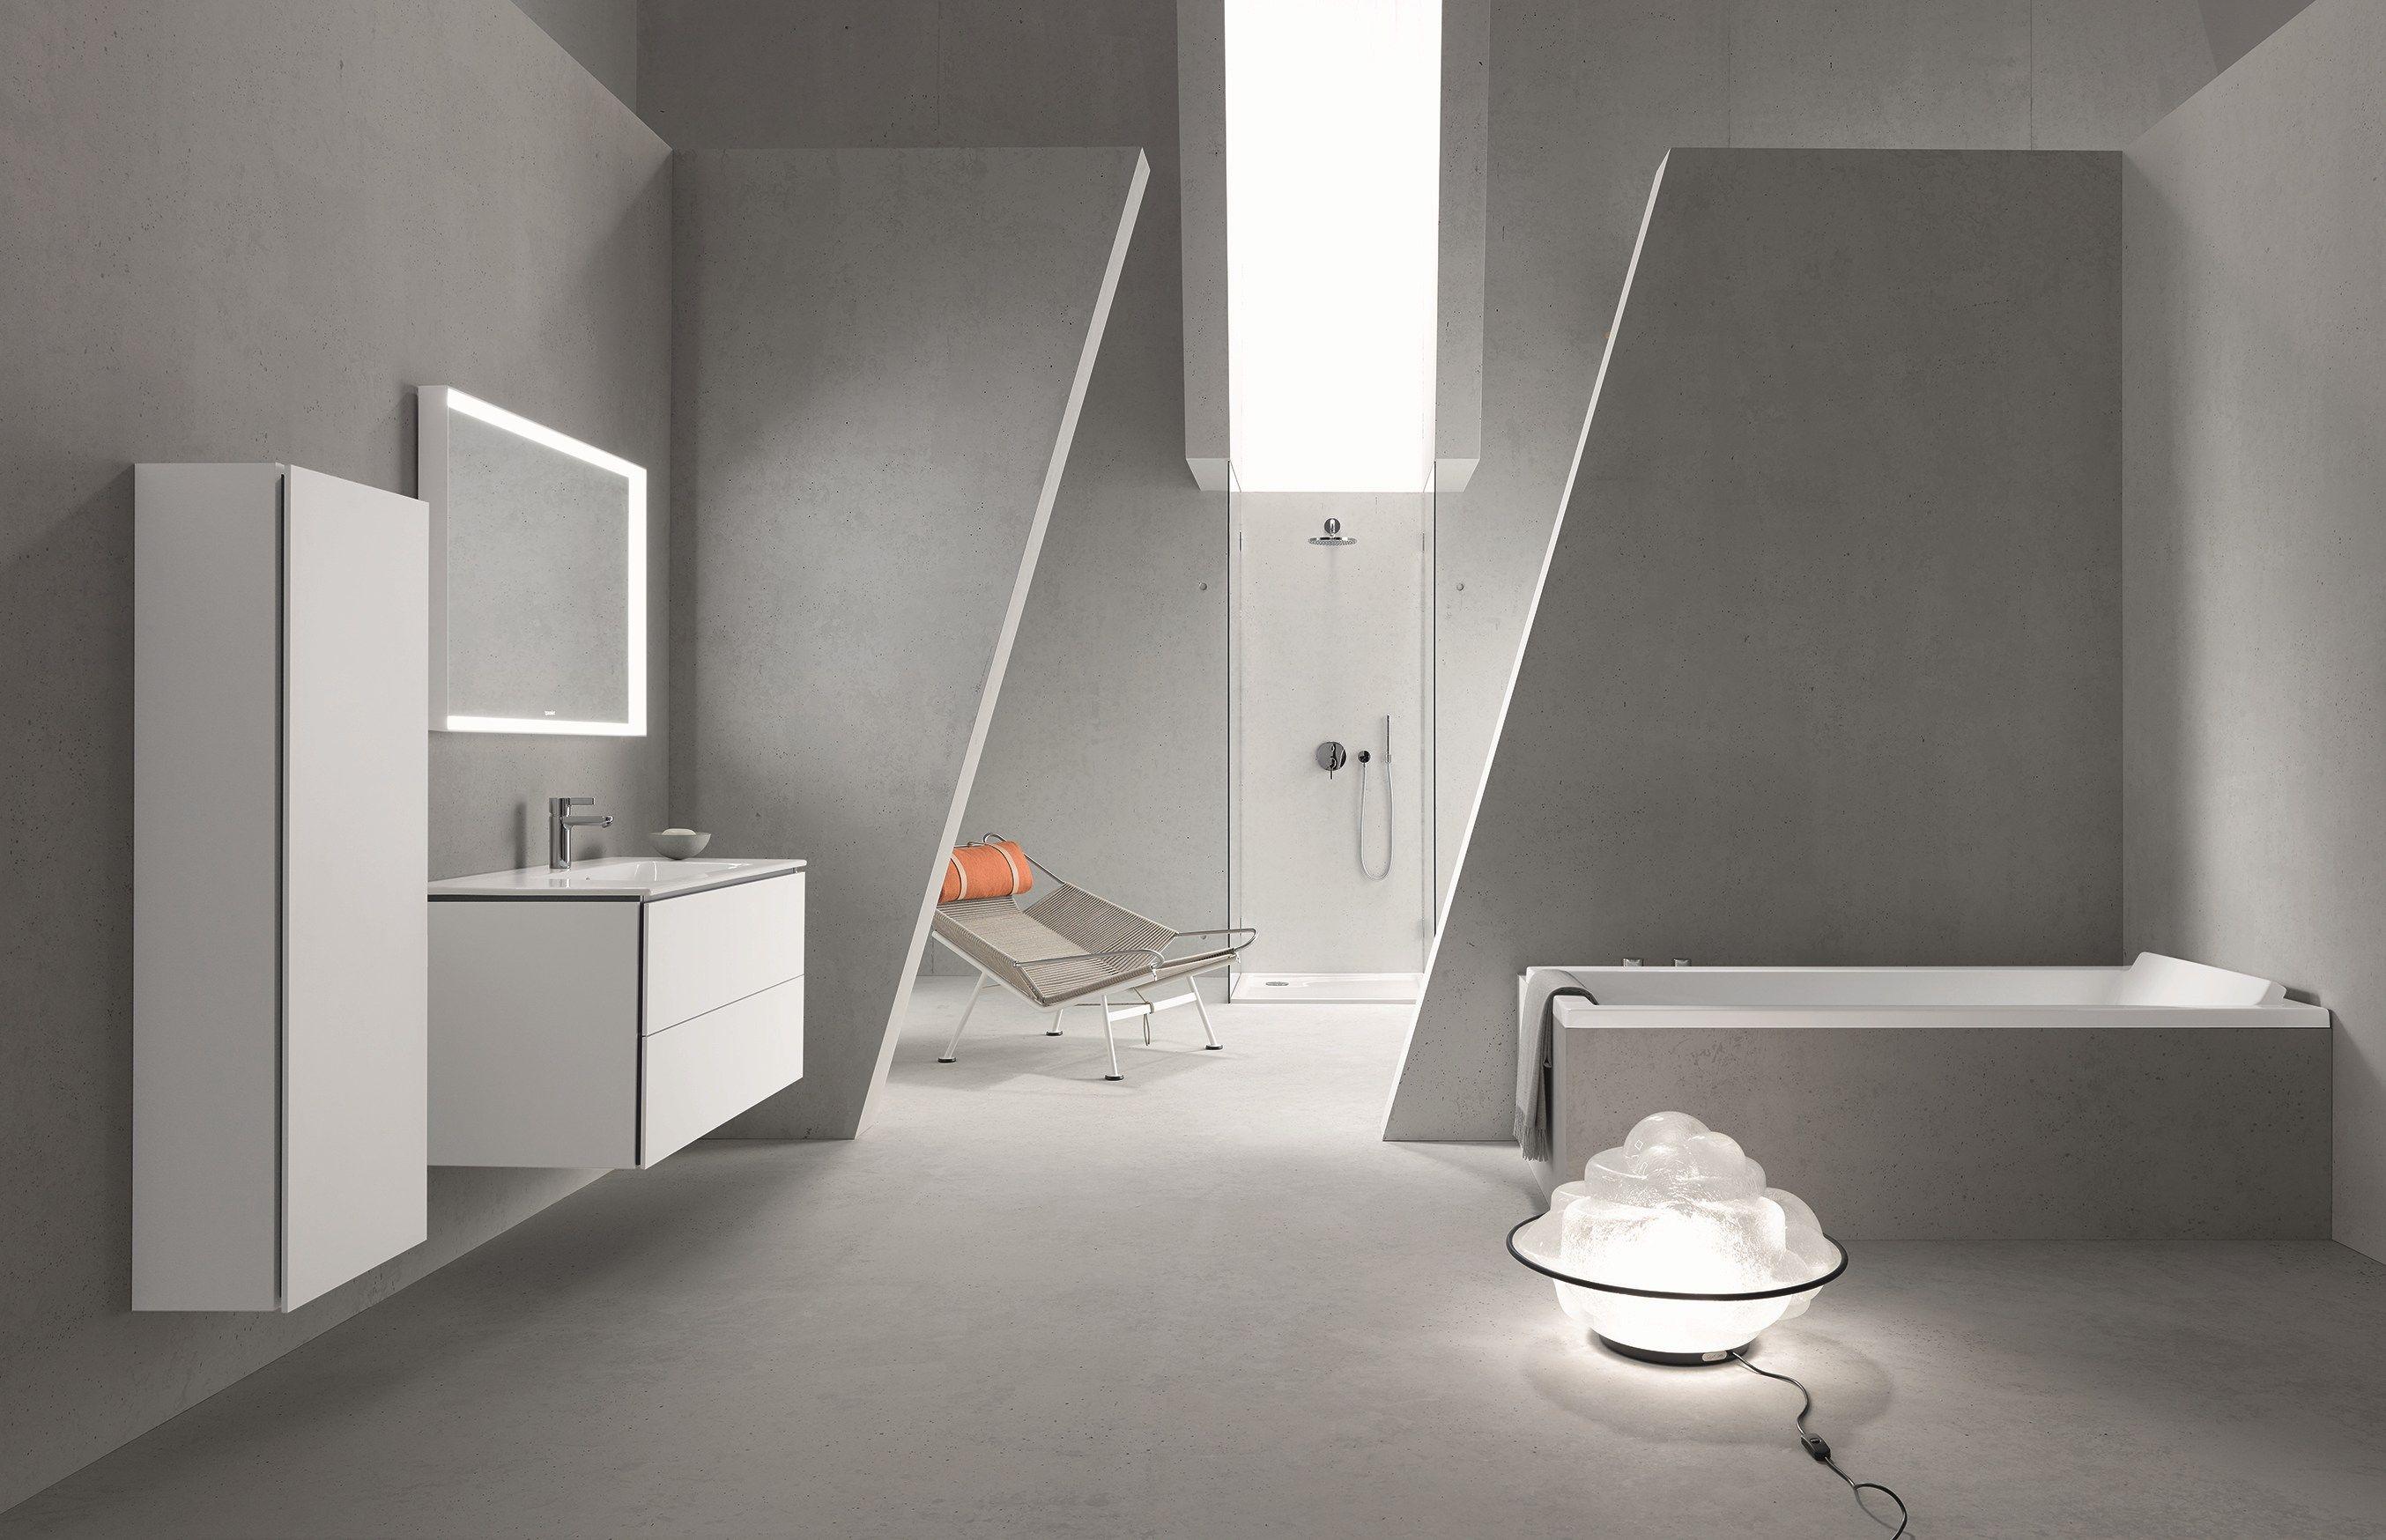 Rechteckige Badewanne aus Acryl STARCK  Badewanne aus Acryl - DURAVIT